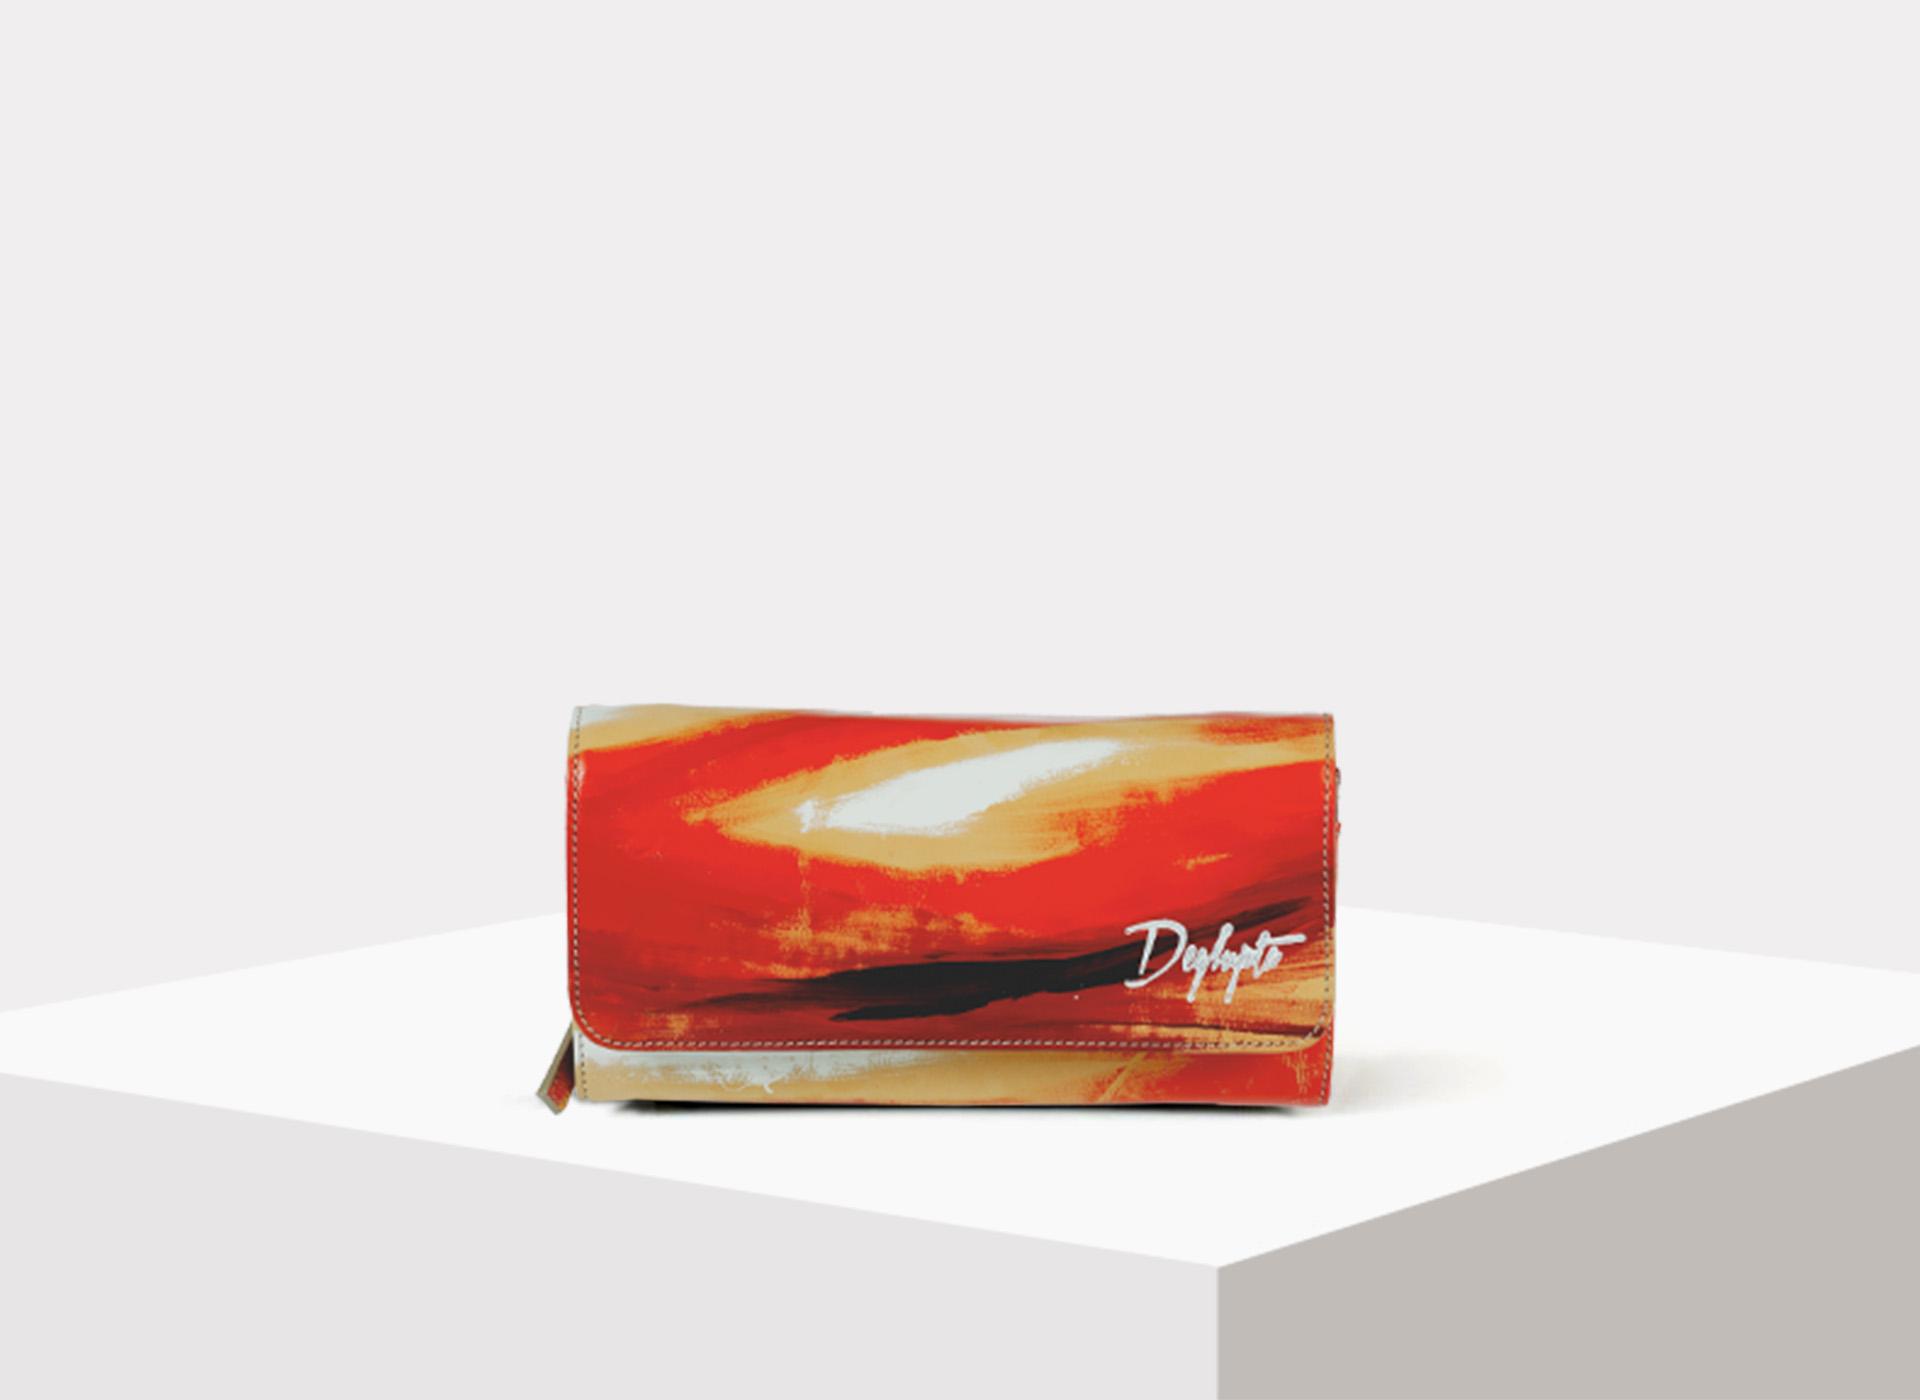 Palma 50460100 - Deglupta